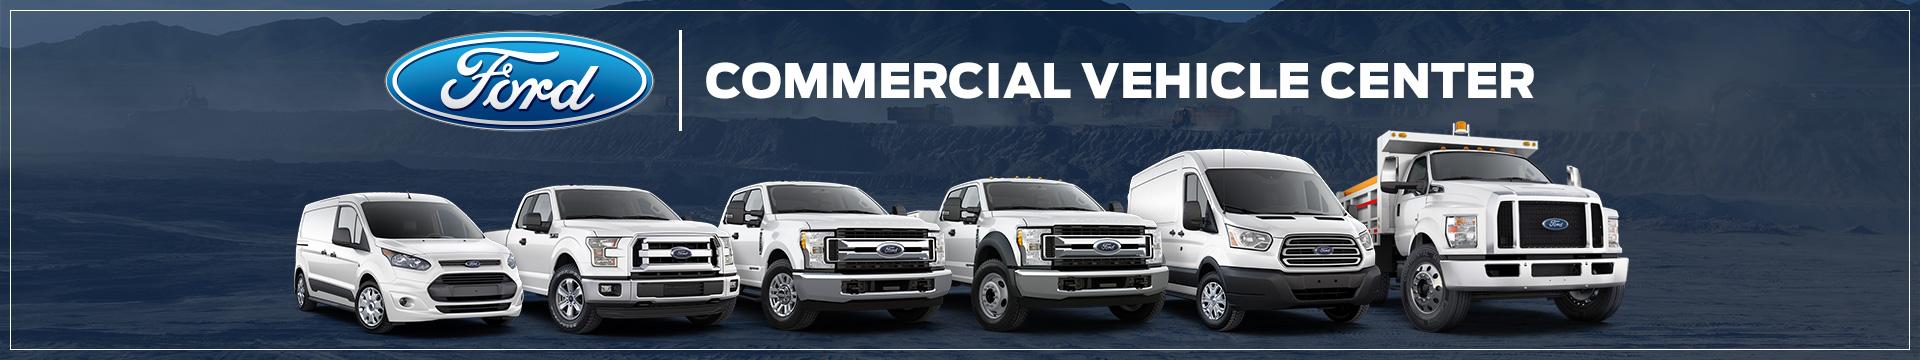 Commercial Truck Center Srp